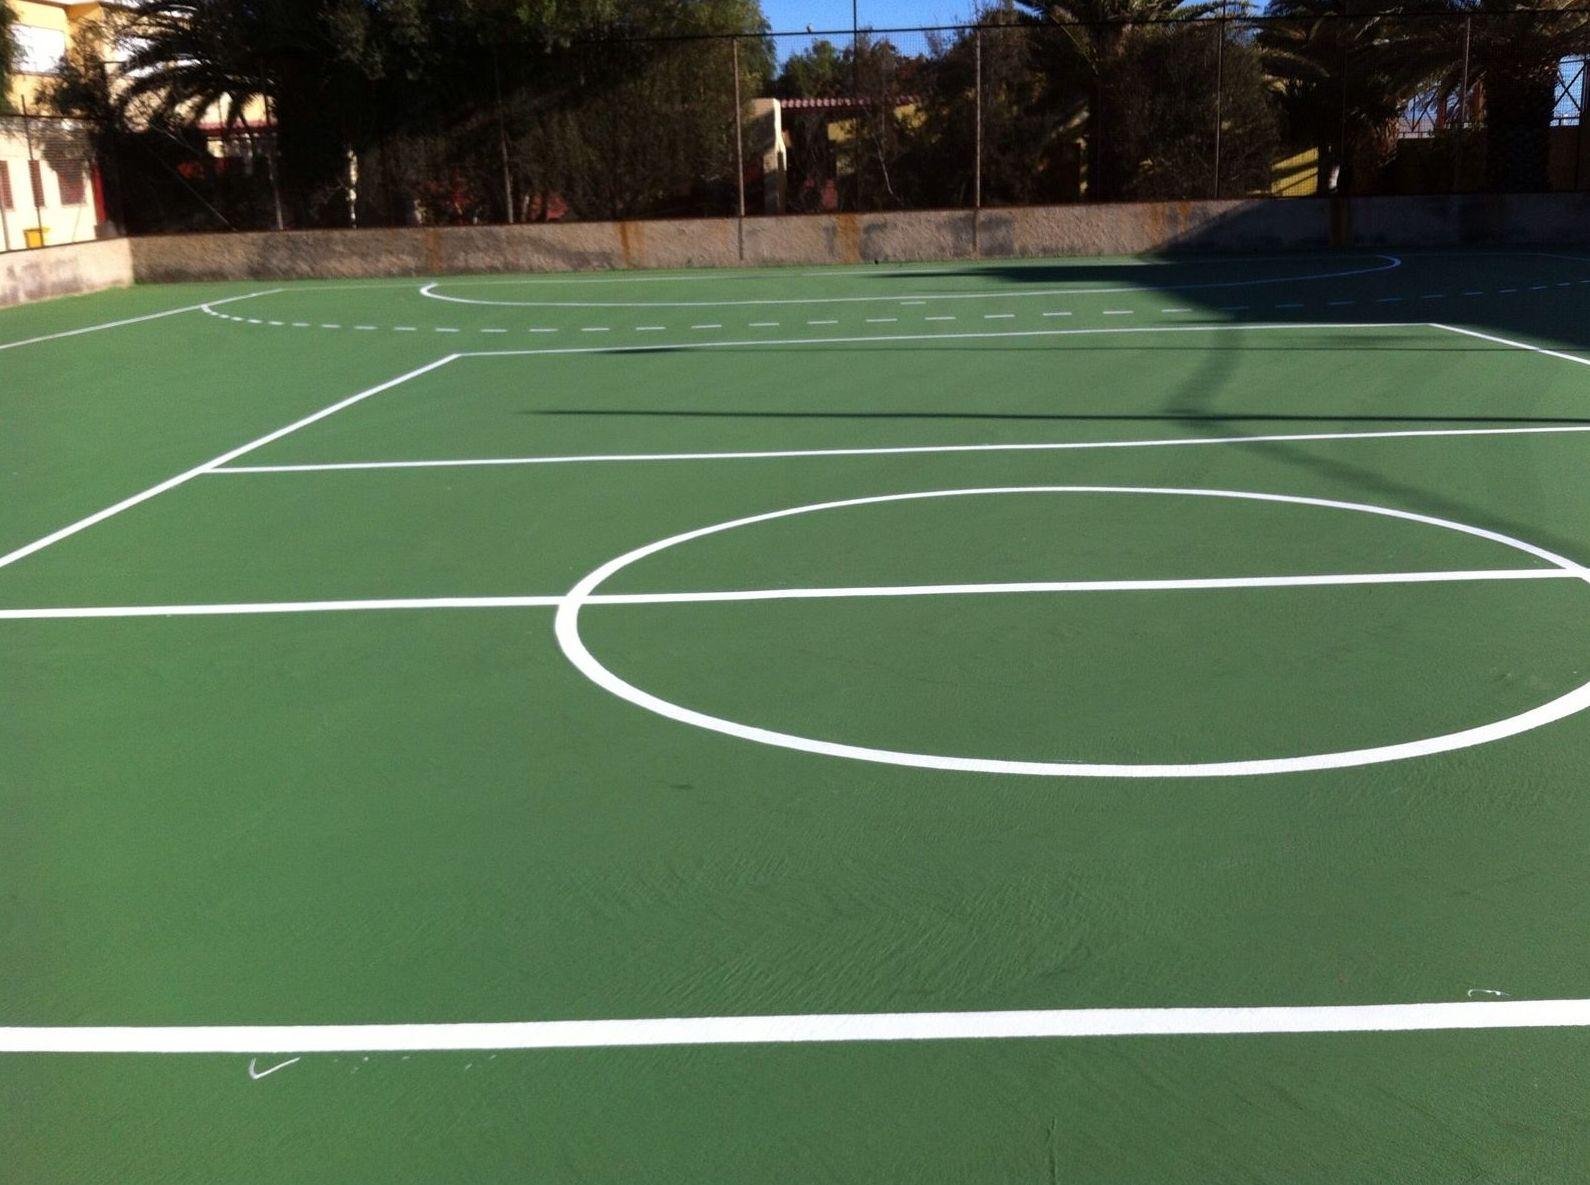 Pavimento pistas de tenis. Imperislas